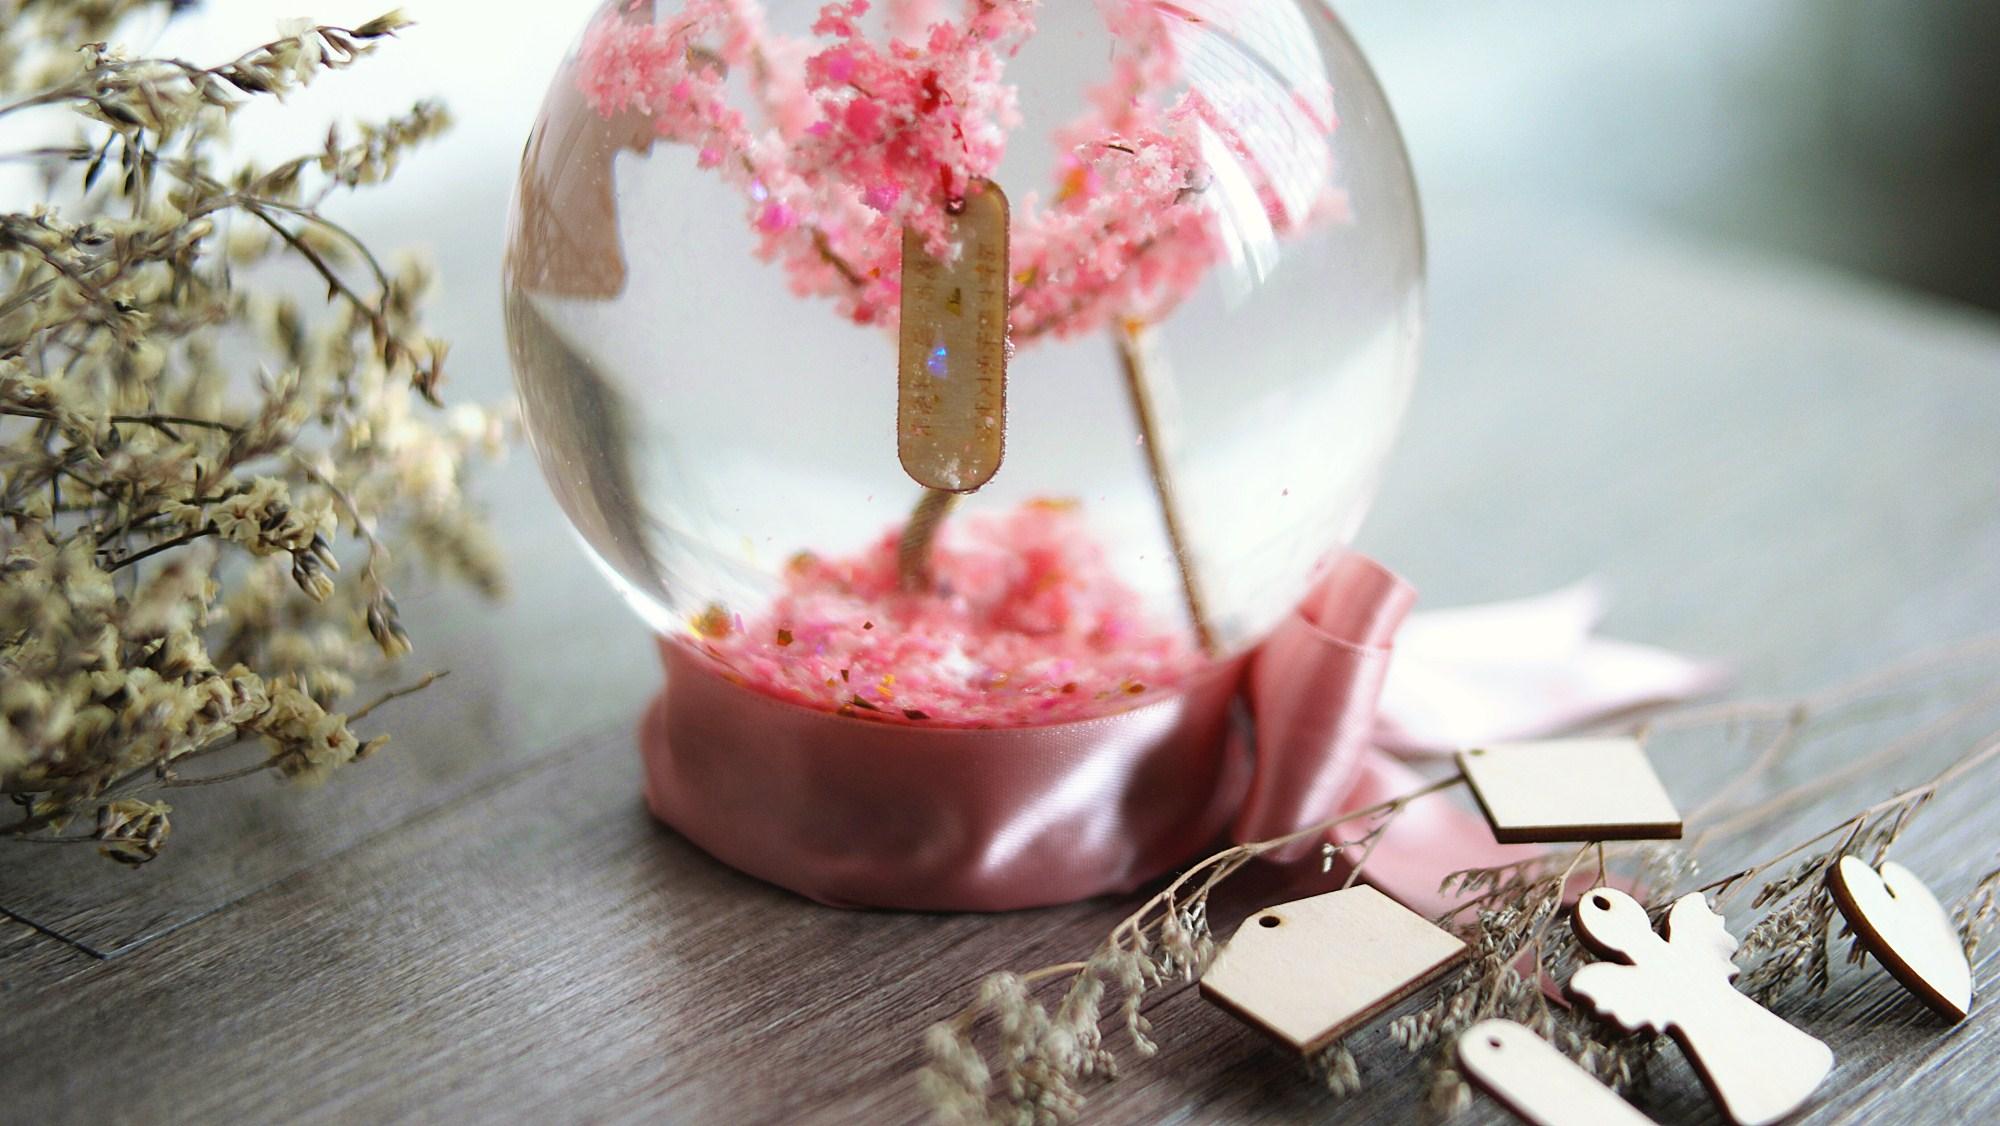 拯救你的少女心!滿滿粉色系藝術精品,點亮甜美生活態度 - K11 Art Infinity - K11